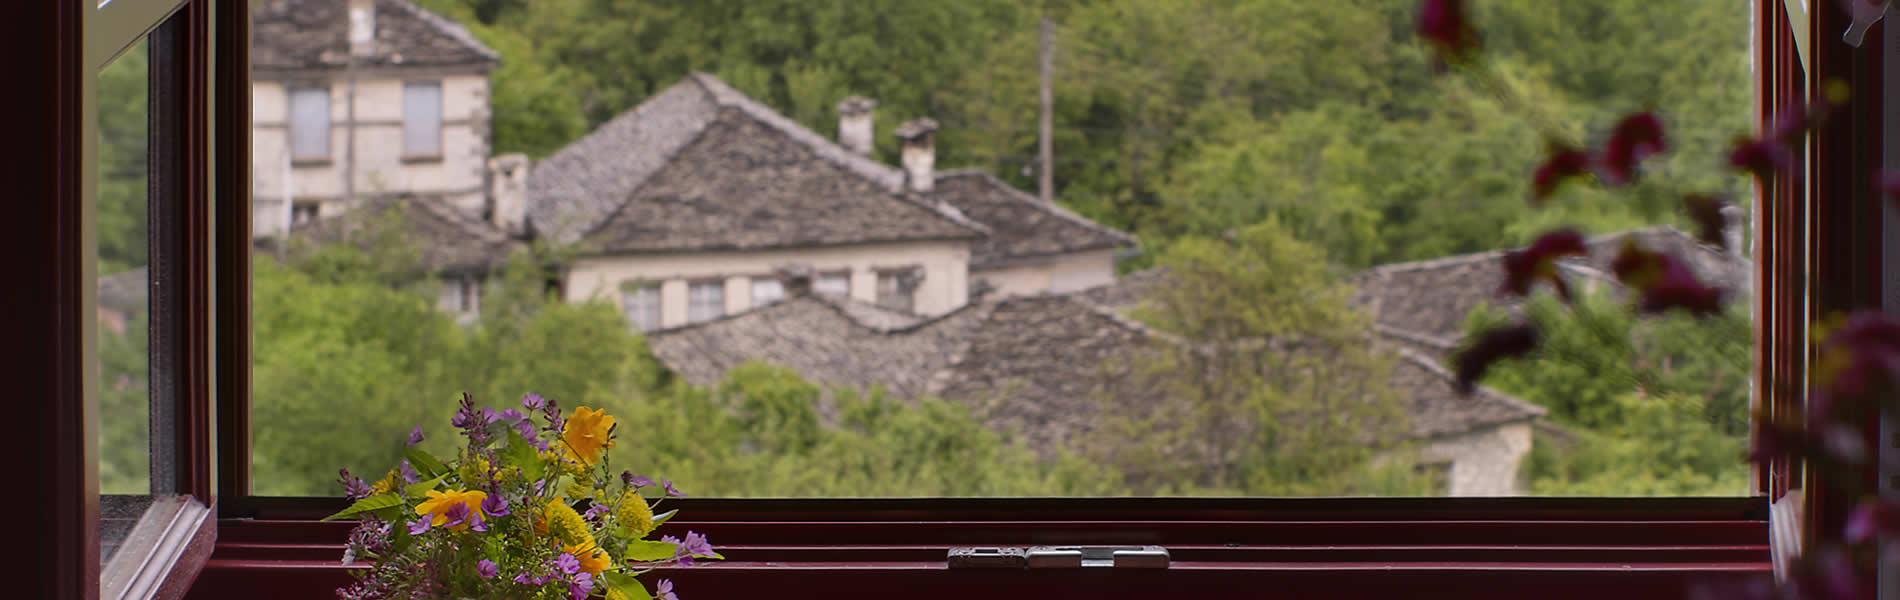 Ξενώνας VERA INN, διαμονή στον ξενώνα με την καλύτερη θέα στο Δίλοφο Κεντρικού Ζαγορίου